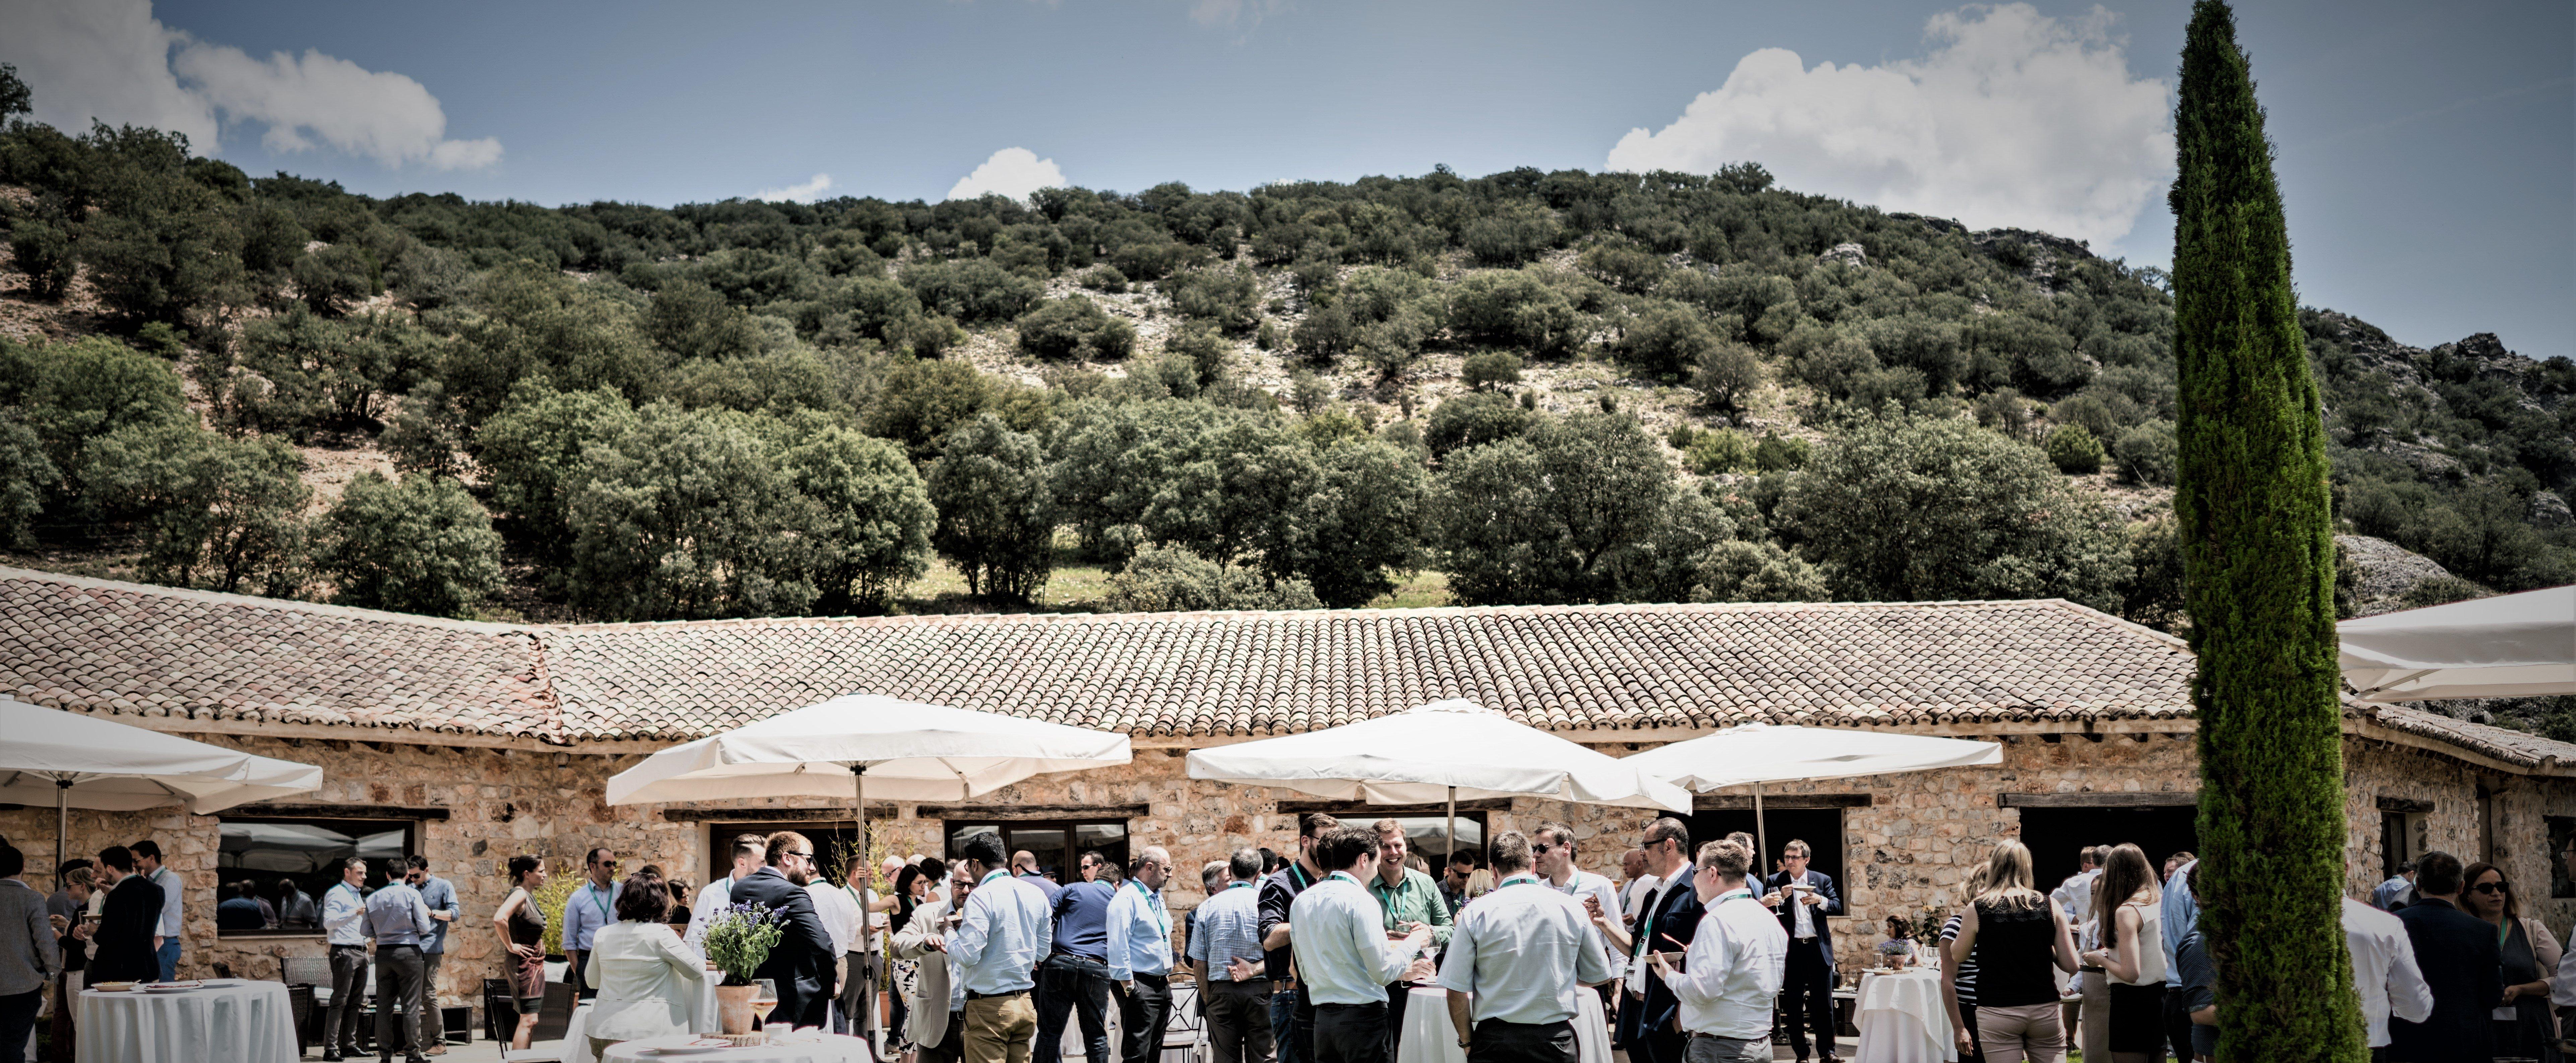 espacio evento empresa , coctel empresa, madrid, servicio de catering ,maracatering,